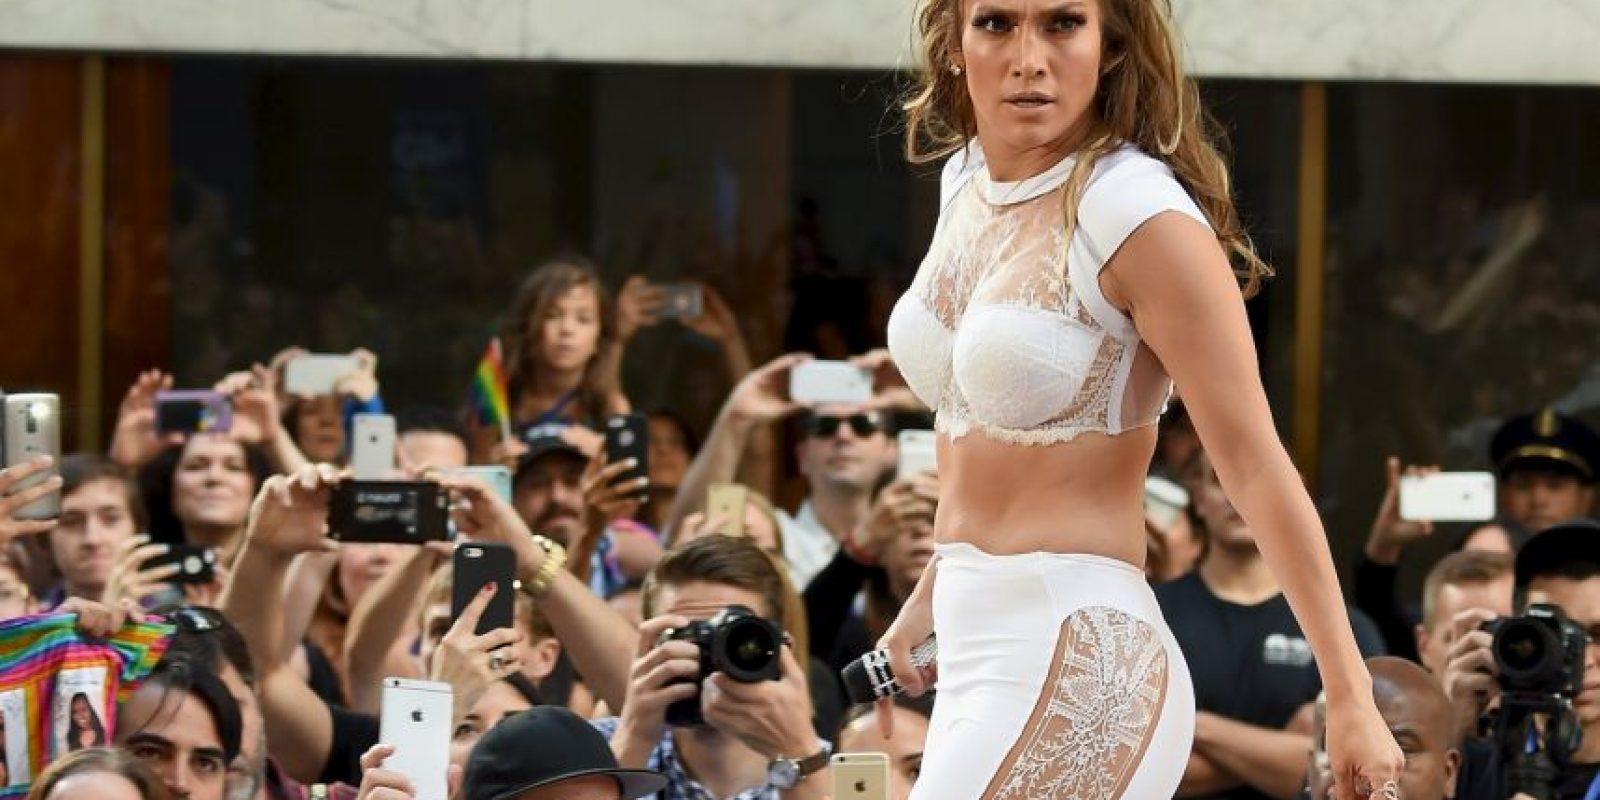 Fue criticada en redes sociales Foto:Getty Images